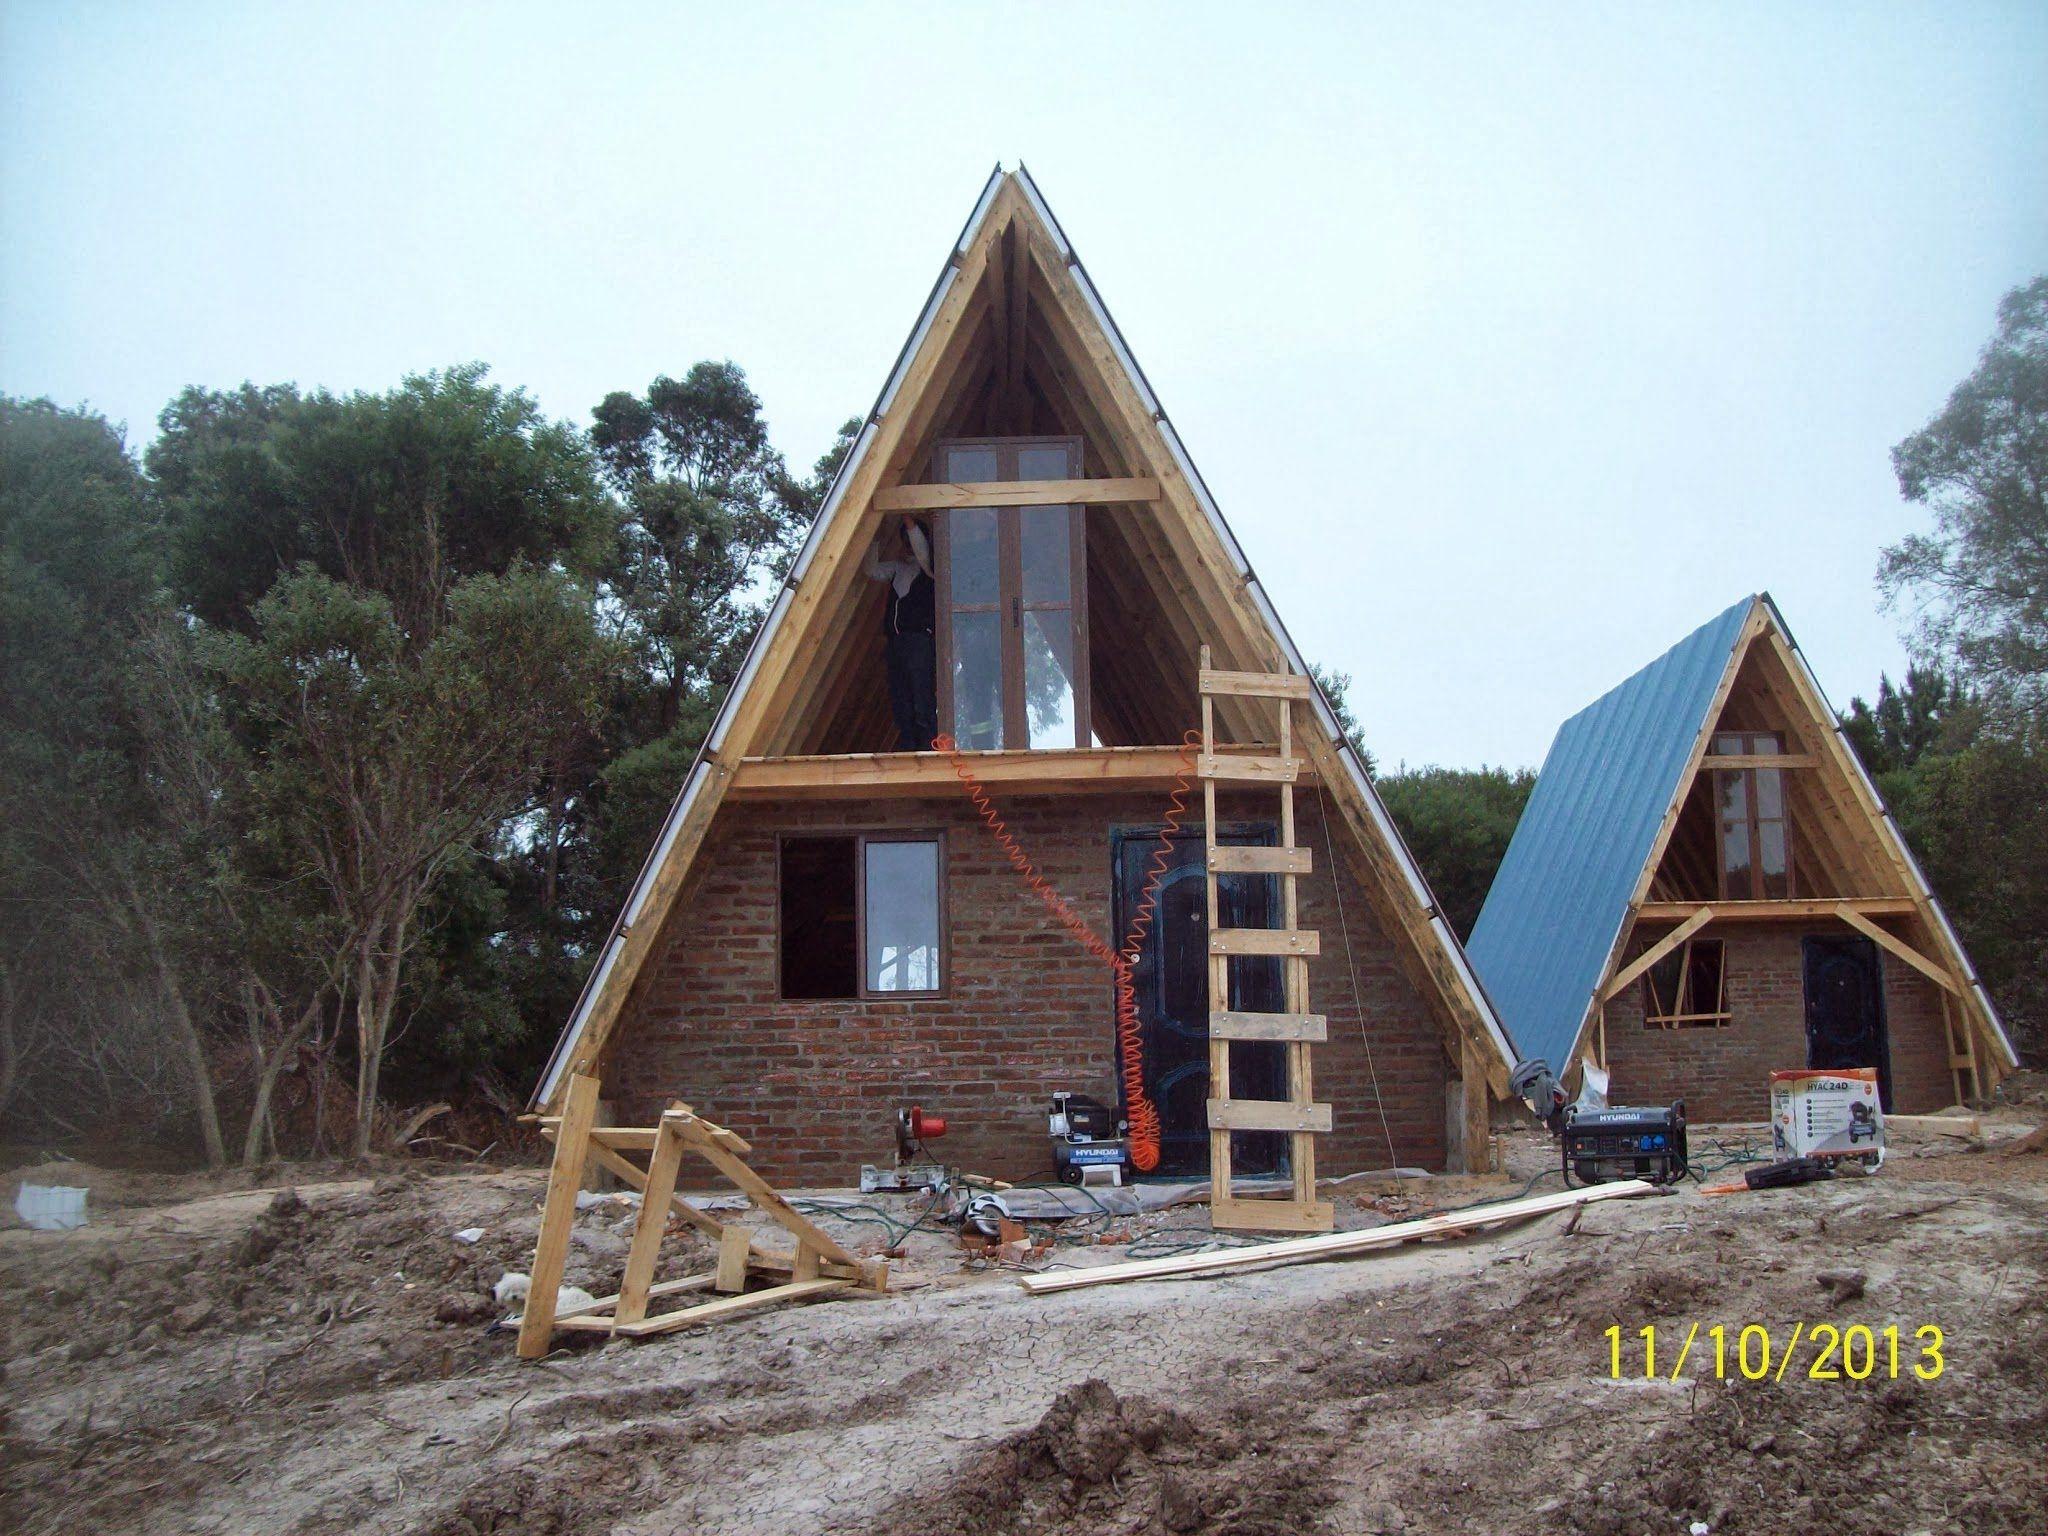 Caba a alpina madera tronco ladrillos economica arquitetura e constru o pinterest - Cabanas de madera economicas ...